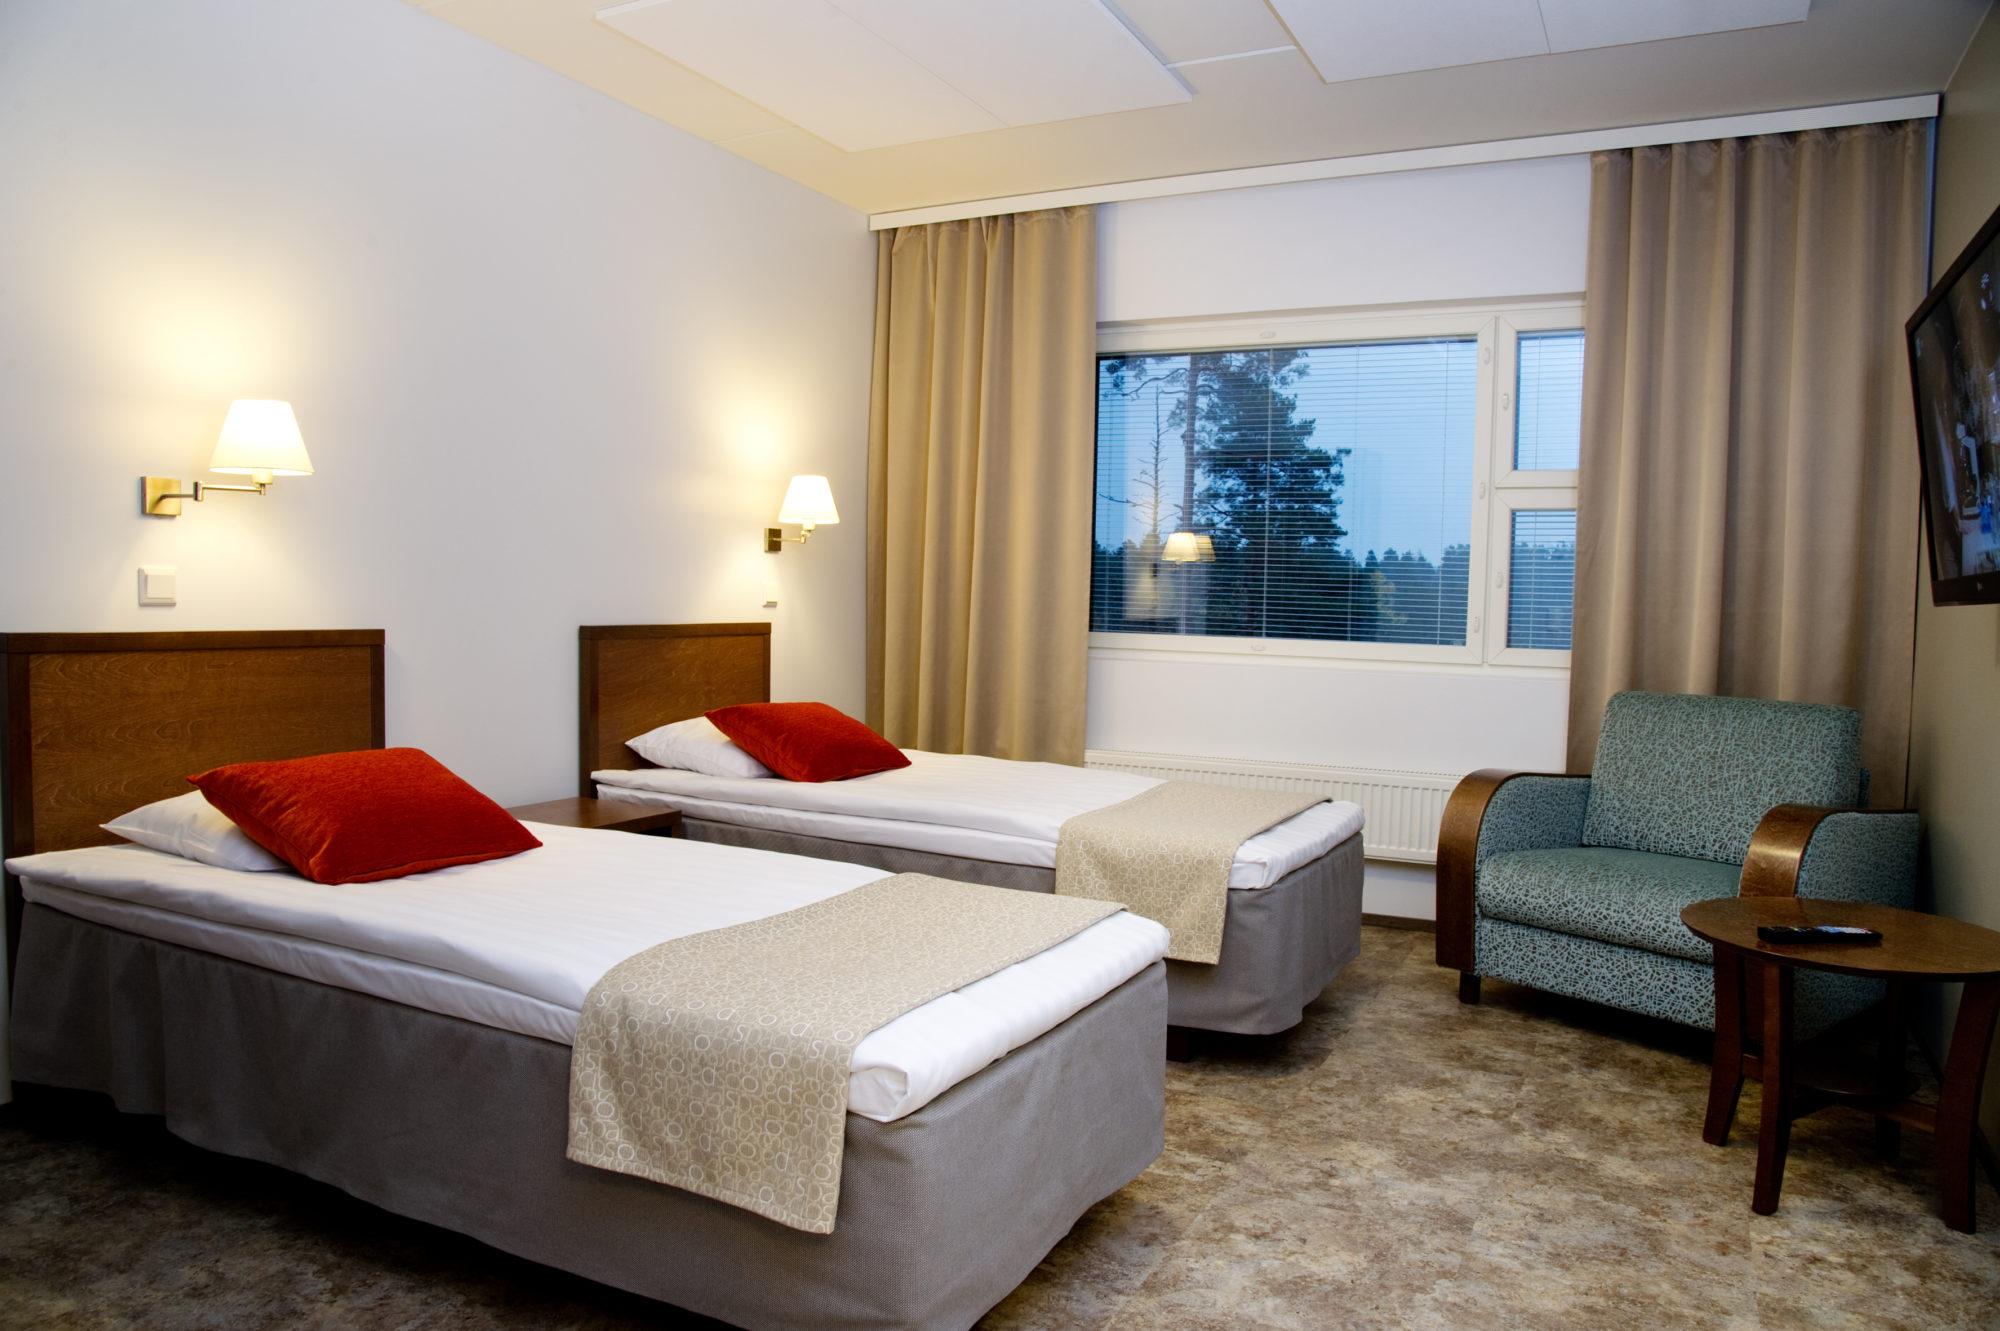 Hotel room Standardplus